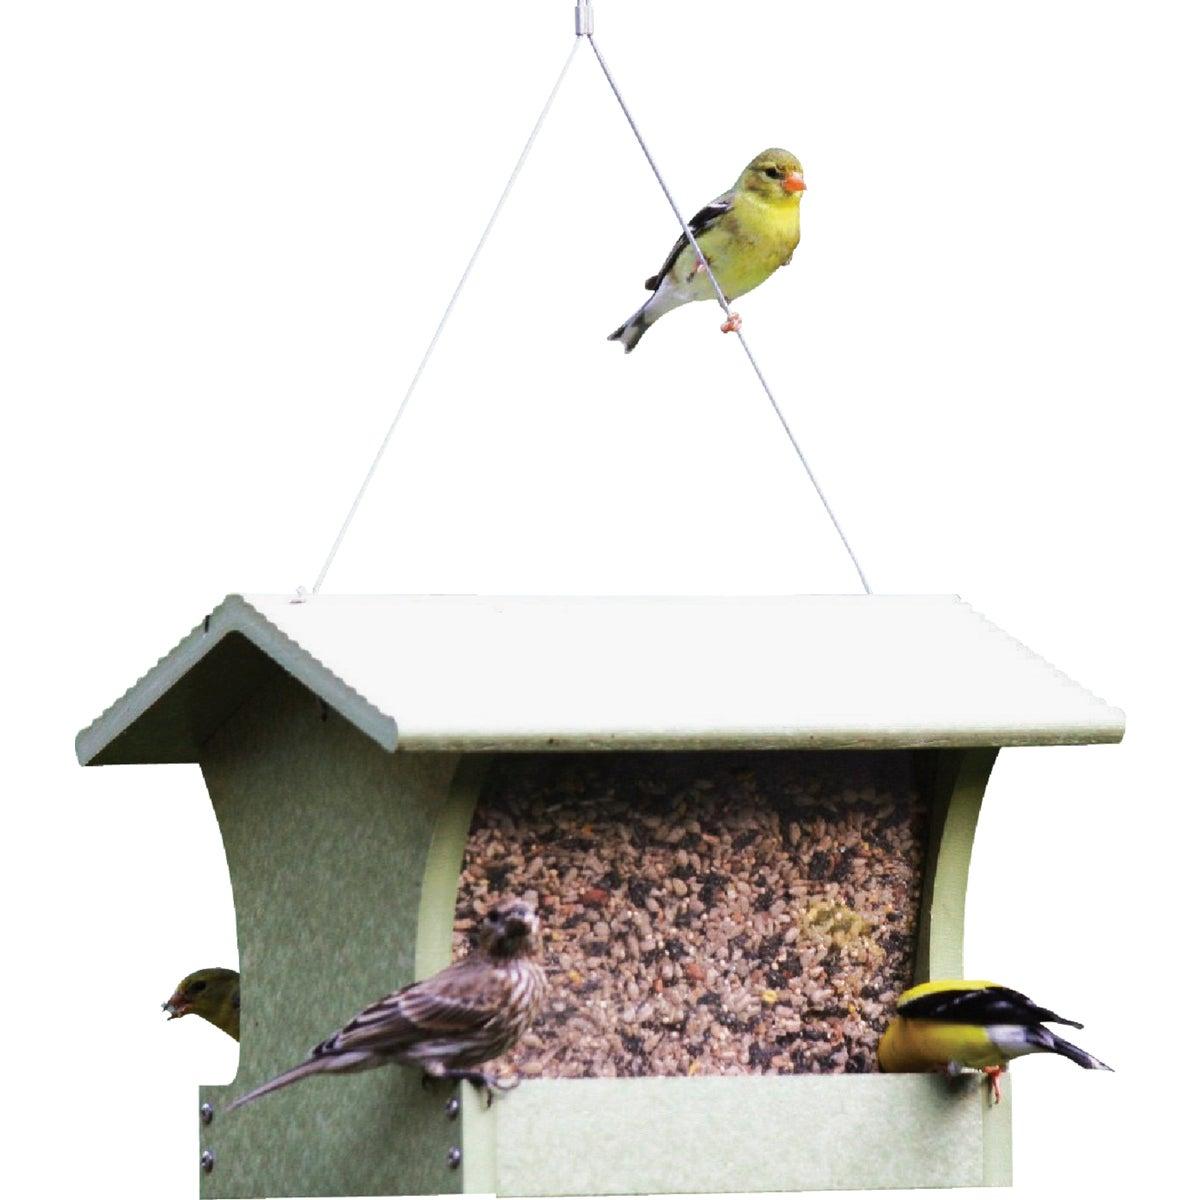 MEDIUM HOPPER FEEDER - GSHF200 by Birds Choice